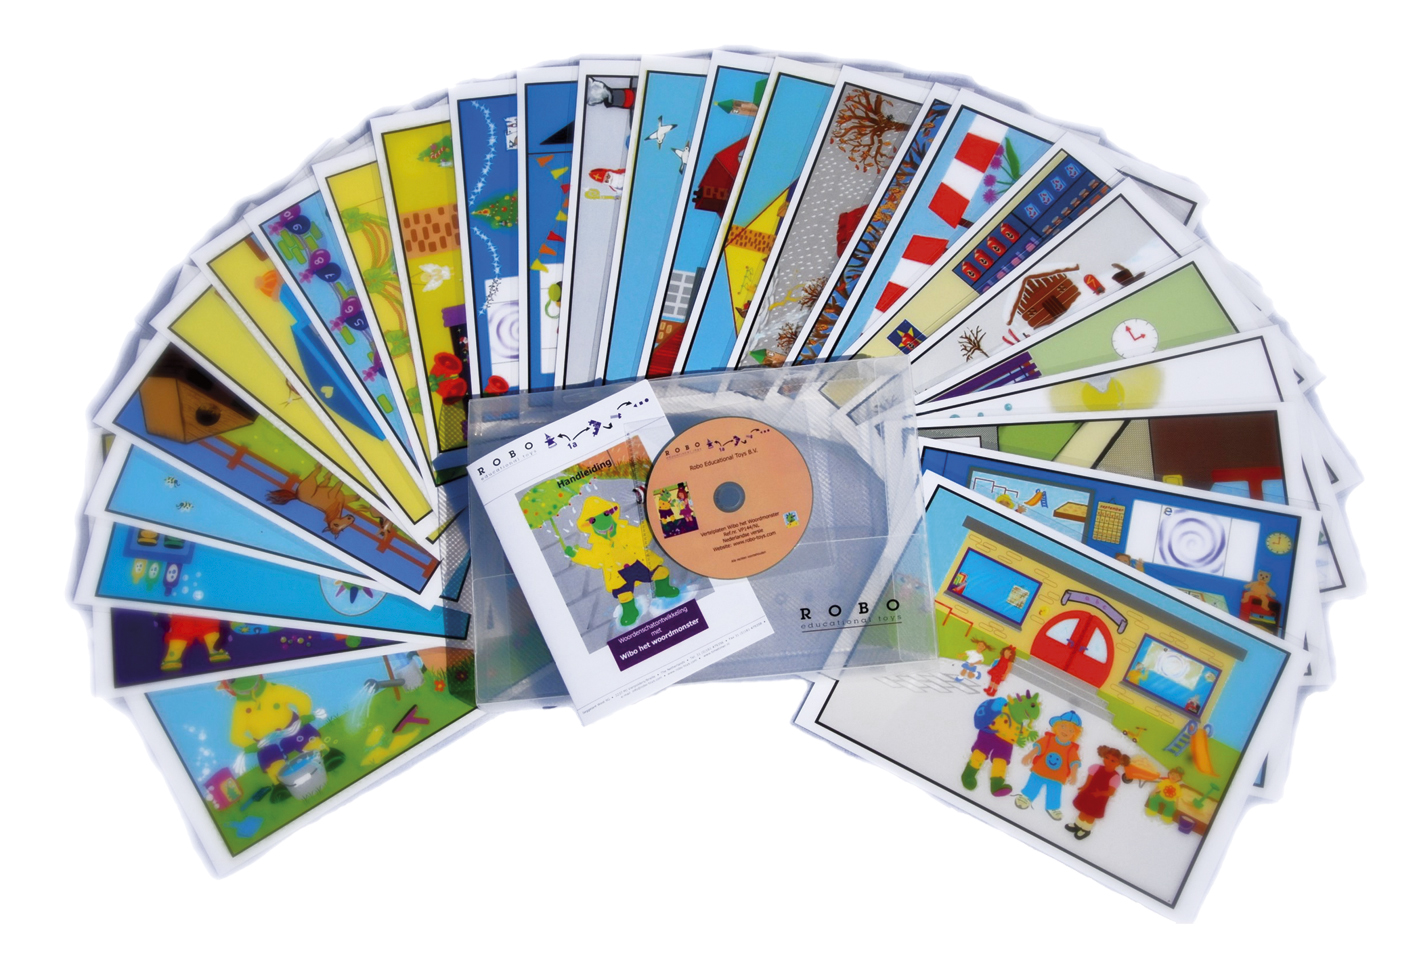 ref.nr. VP144/EN - Story telling cards